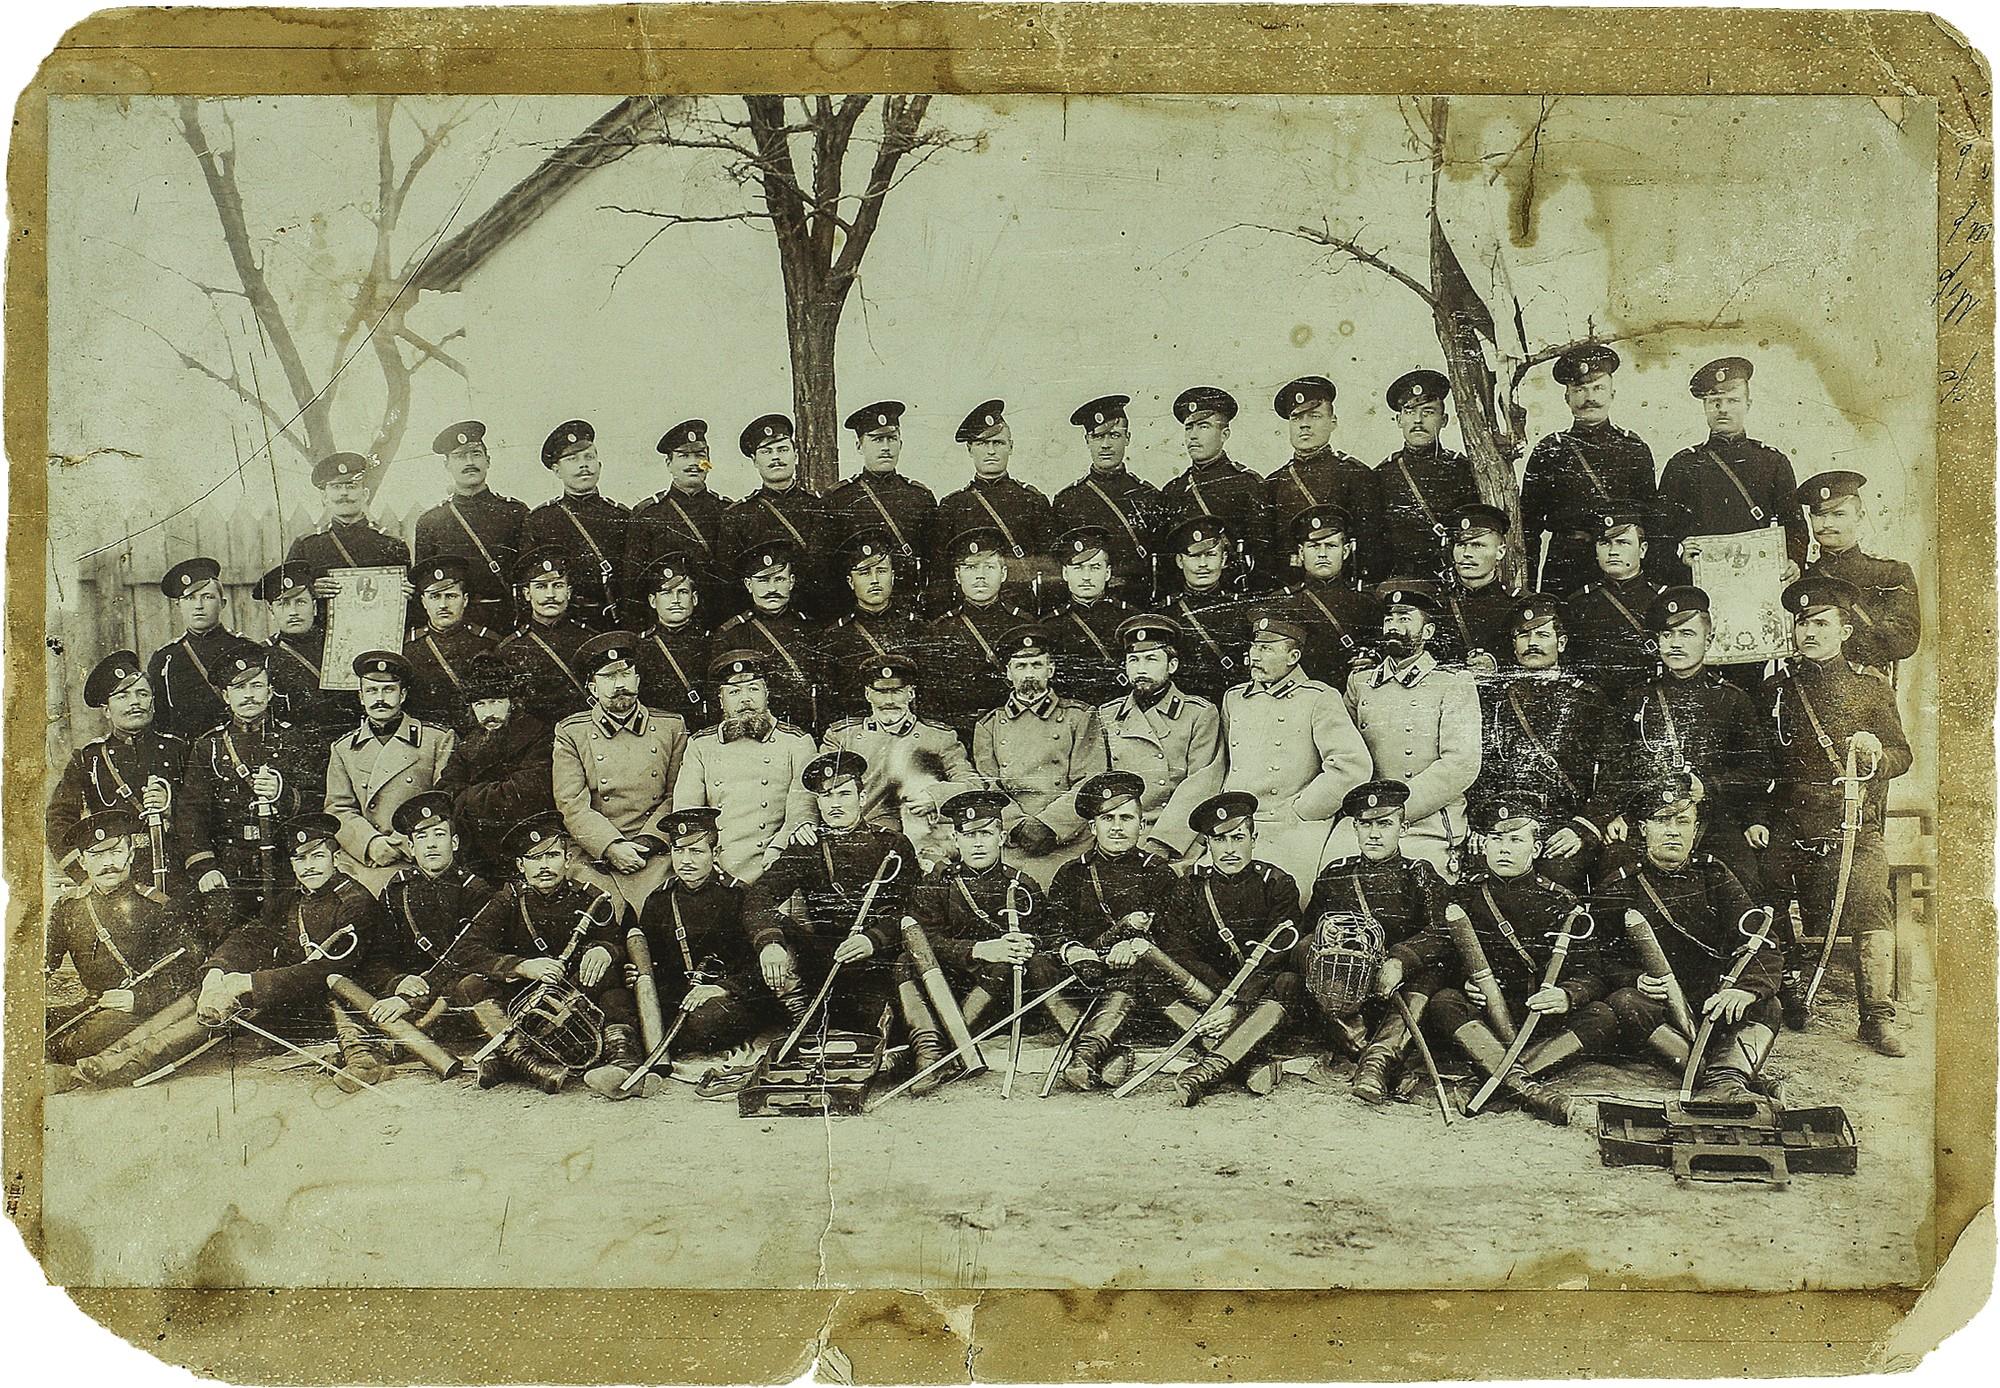 Фото выпуска учебной артиллерийской команды с преподавателями. 1907-1914